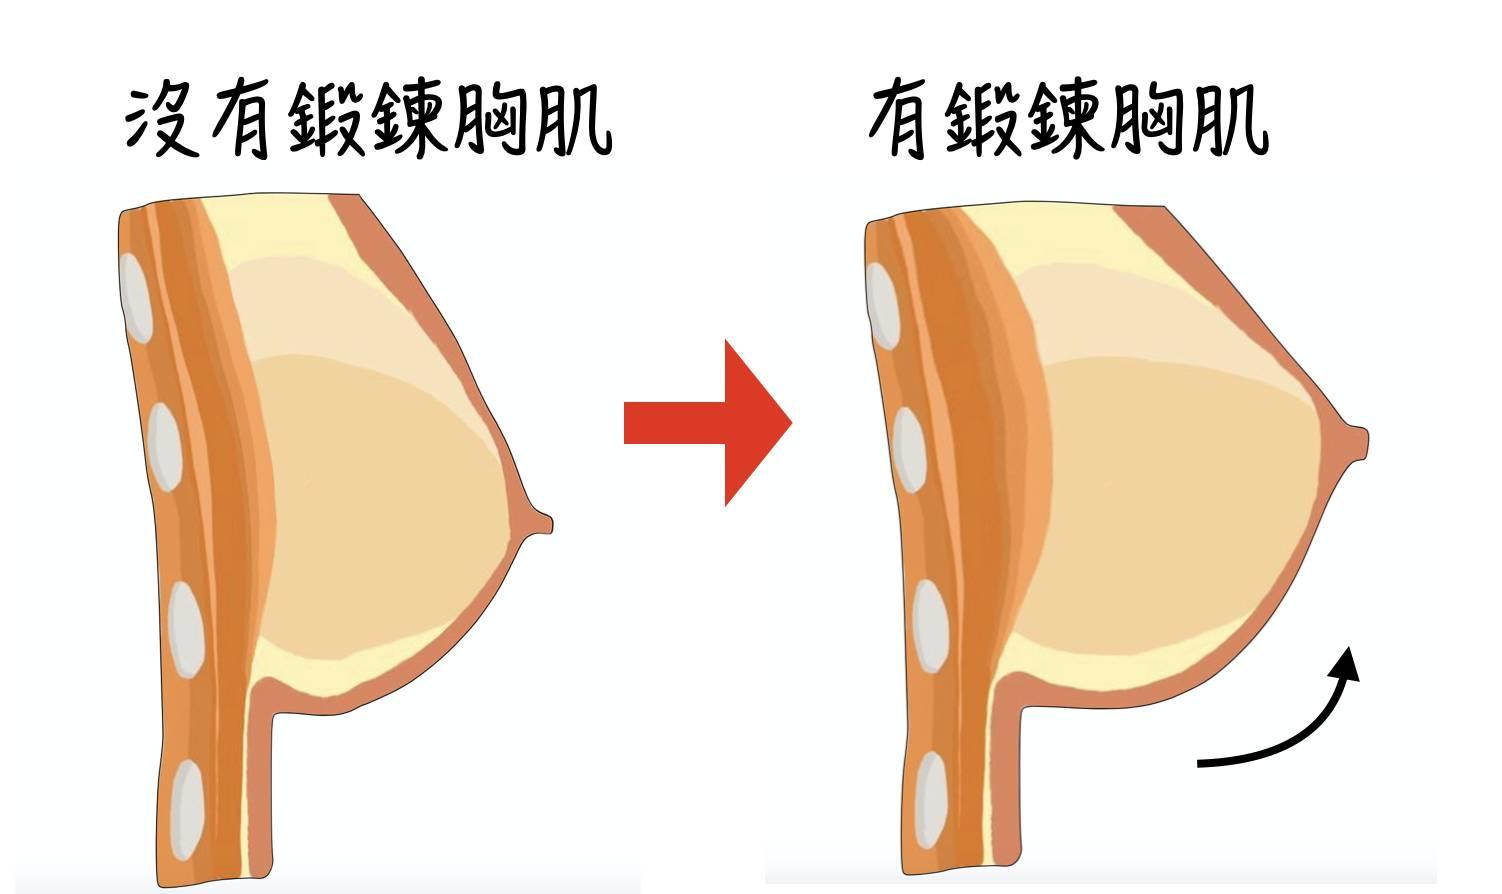 女生絕對能在現有的脂肪下建立厚厚的胸肌!